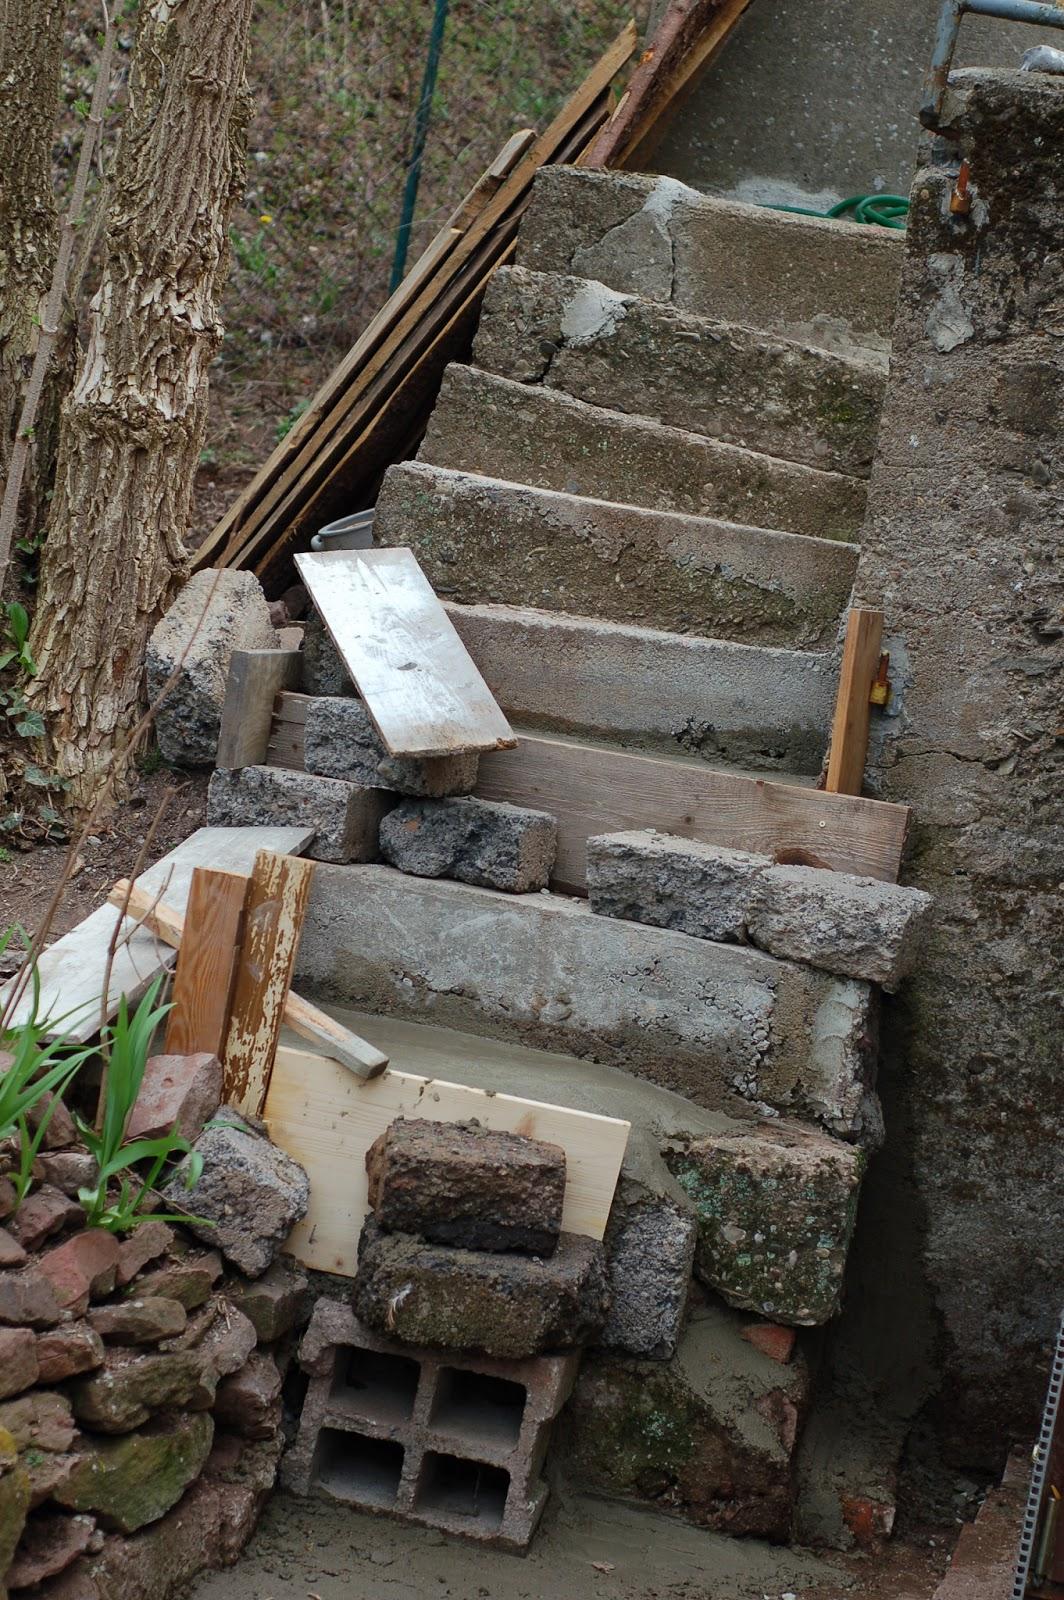 karl erwin und die frau ein haus wird gl cklich sanierung treppe au en spa mit beton teil 4. Black Bedroom Furniture Sets. Home Design Ideas